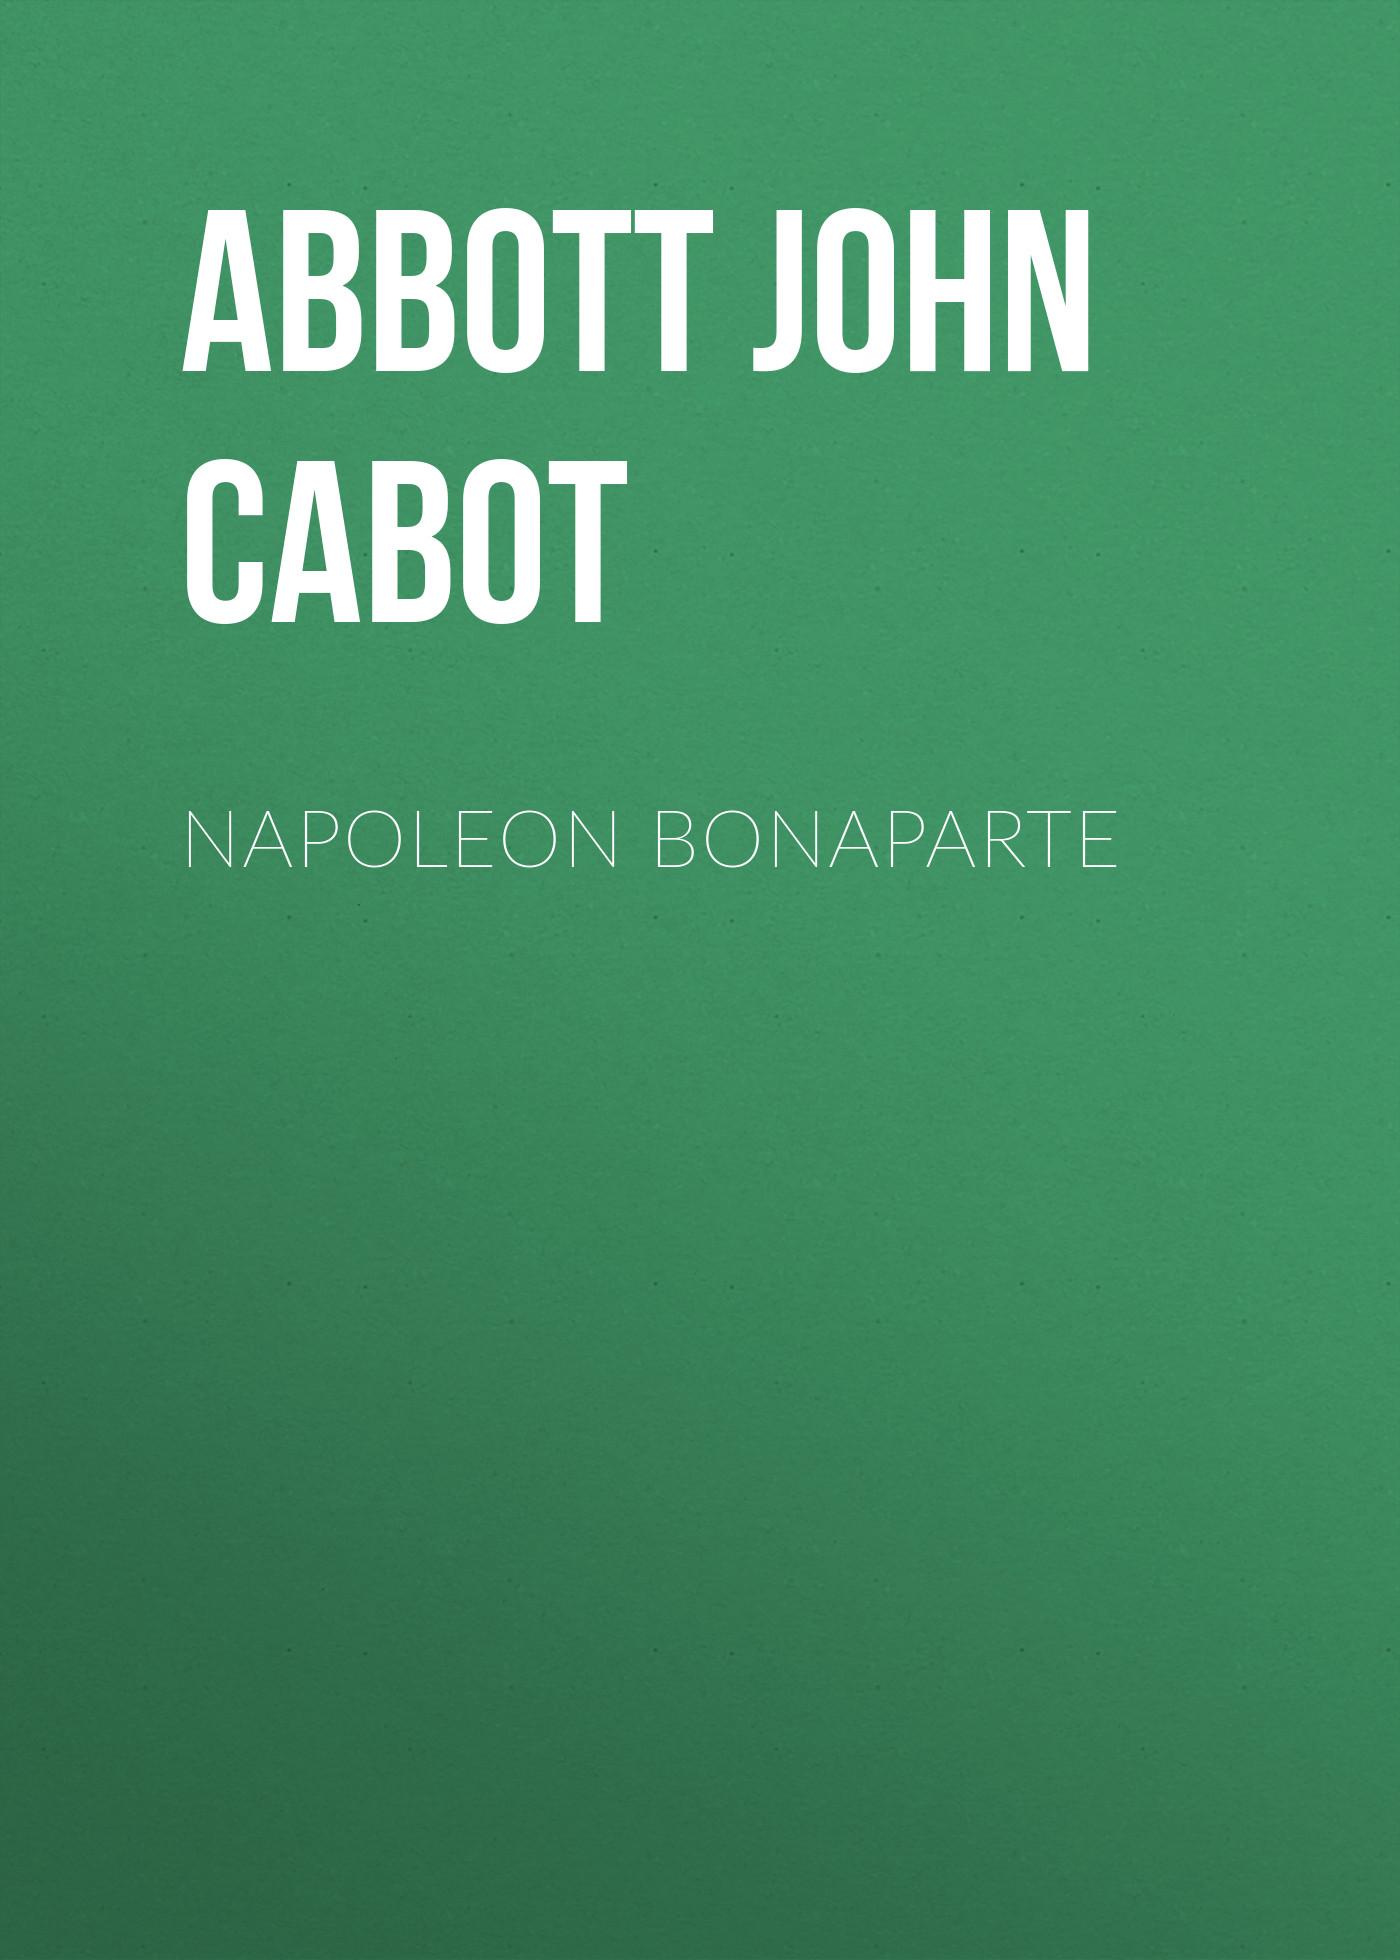 Abbott John Stevens Cabot Napoleon Bonaparte